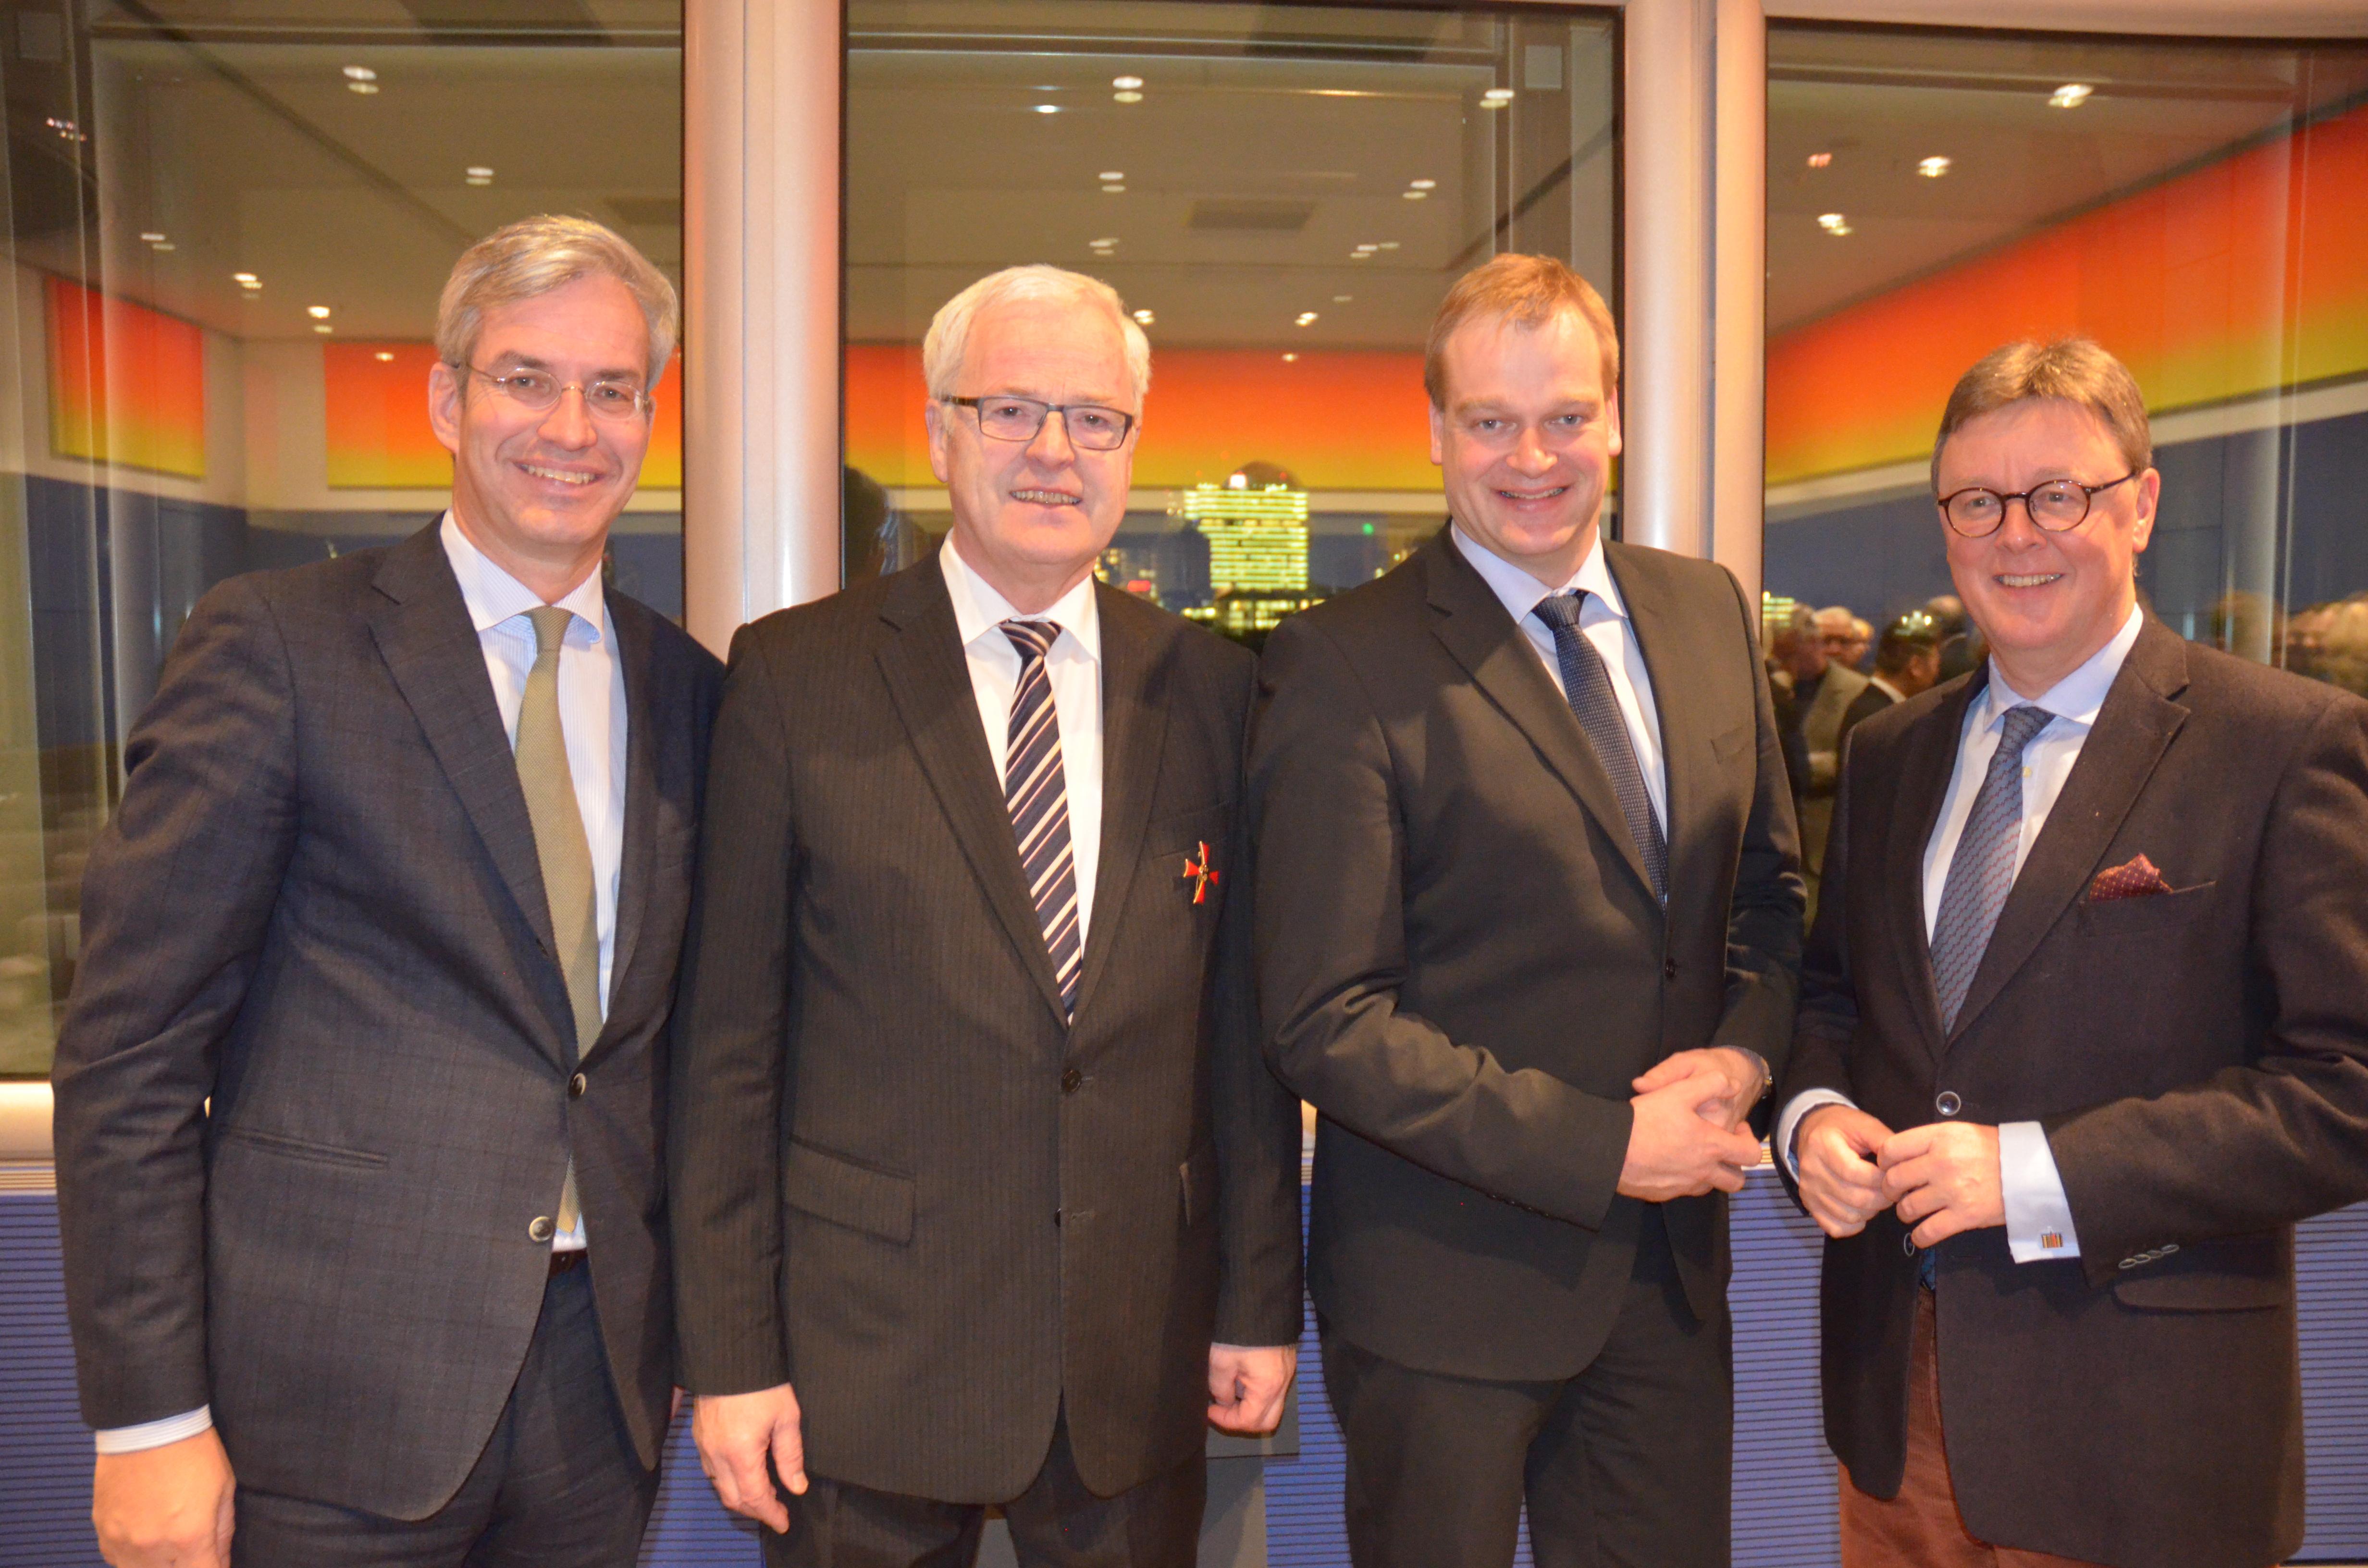 Foto (v. l.): Dr. Mathias Middelberg, Vorsitzender der CDU-Landesgruppe Niedersachen; Dr. Hermann Kues; Albert Stegemann, MdB; Michael Grosse-Brömer, Erster Parlamentarischer Geschäftsführer der Fraktion der CDU/CSU im Deutschen Bundestag